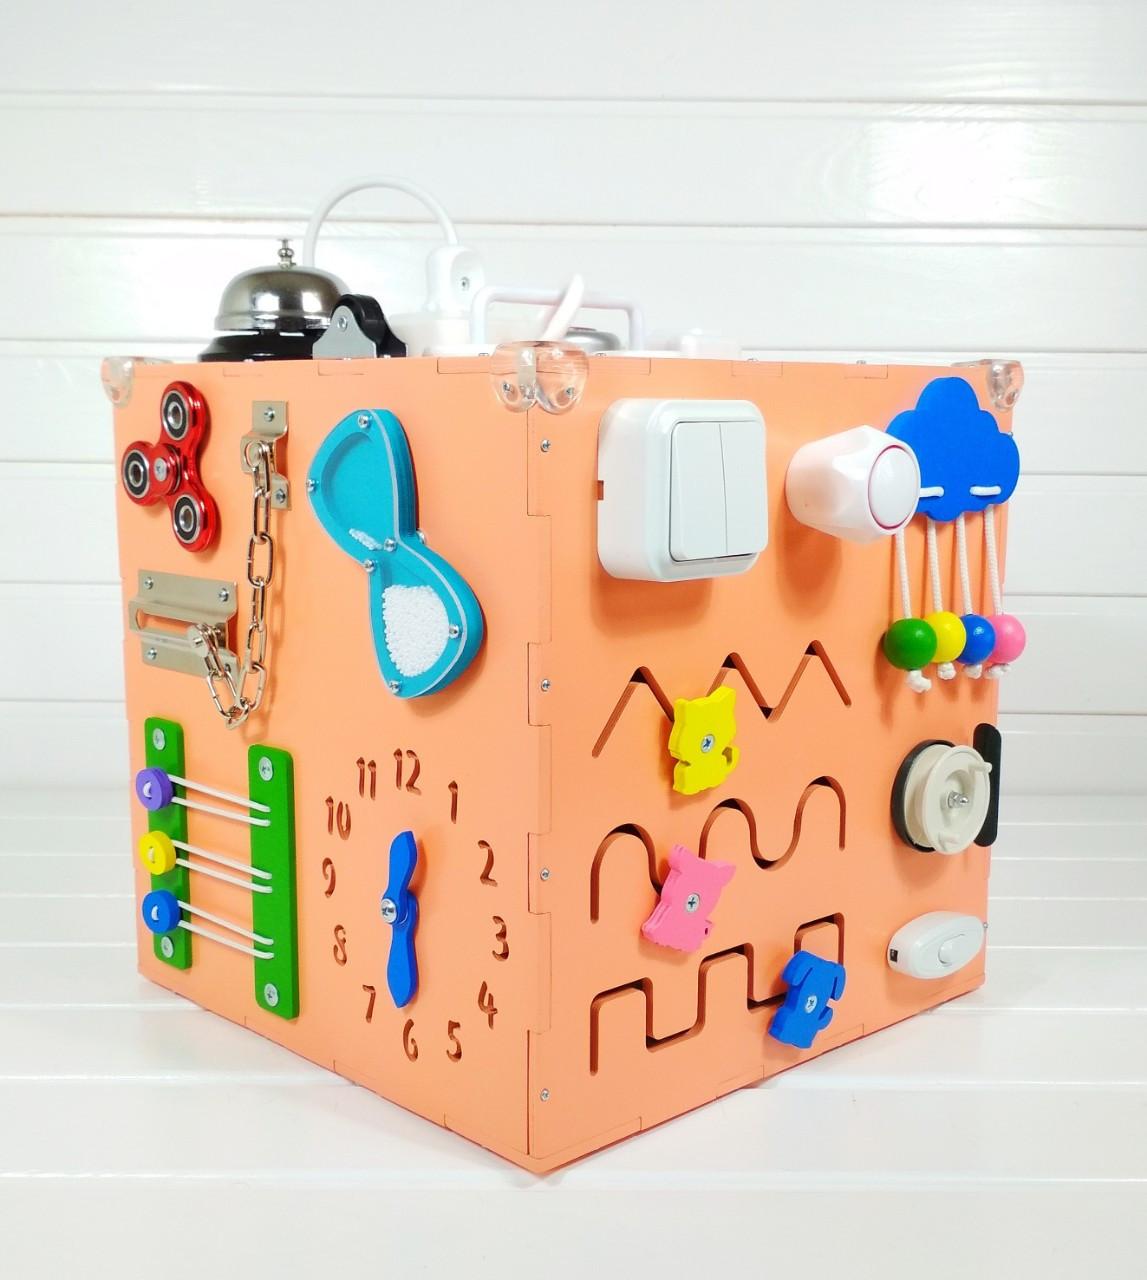 Развивающая игрушка Tornado Busy Cube Оранжевая (hub_jJMC23162)